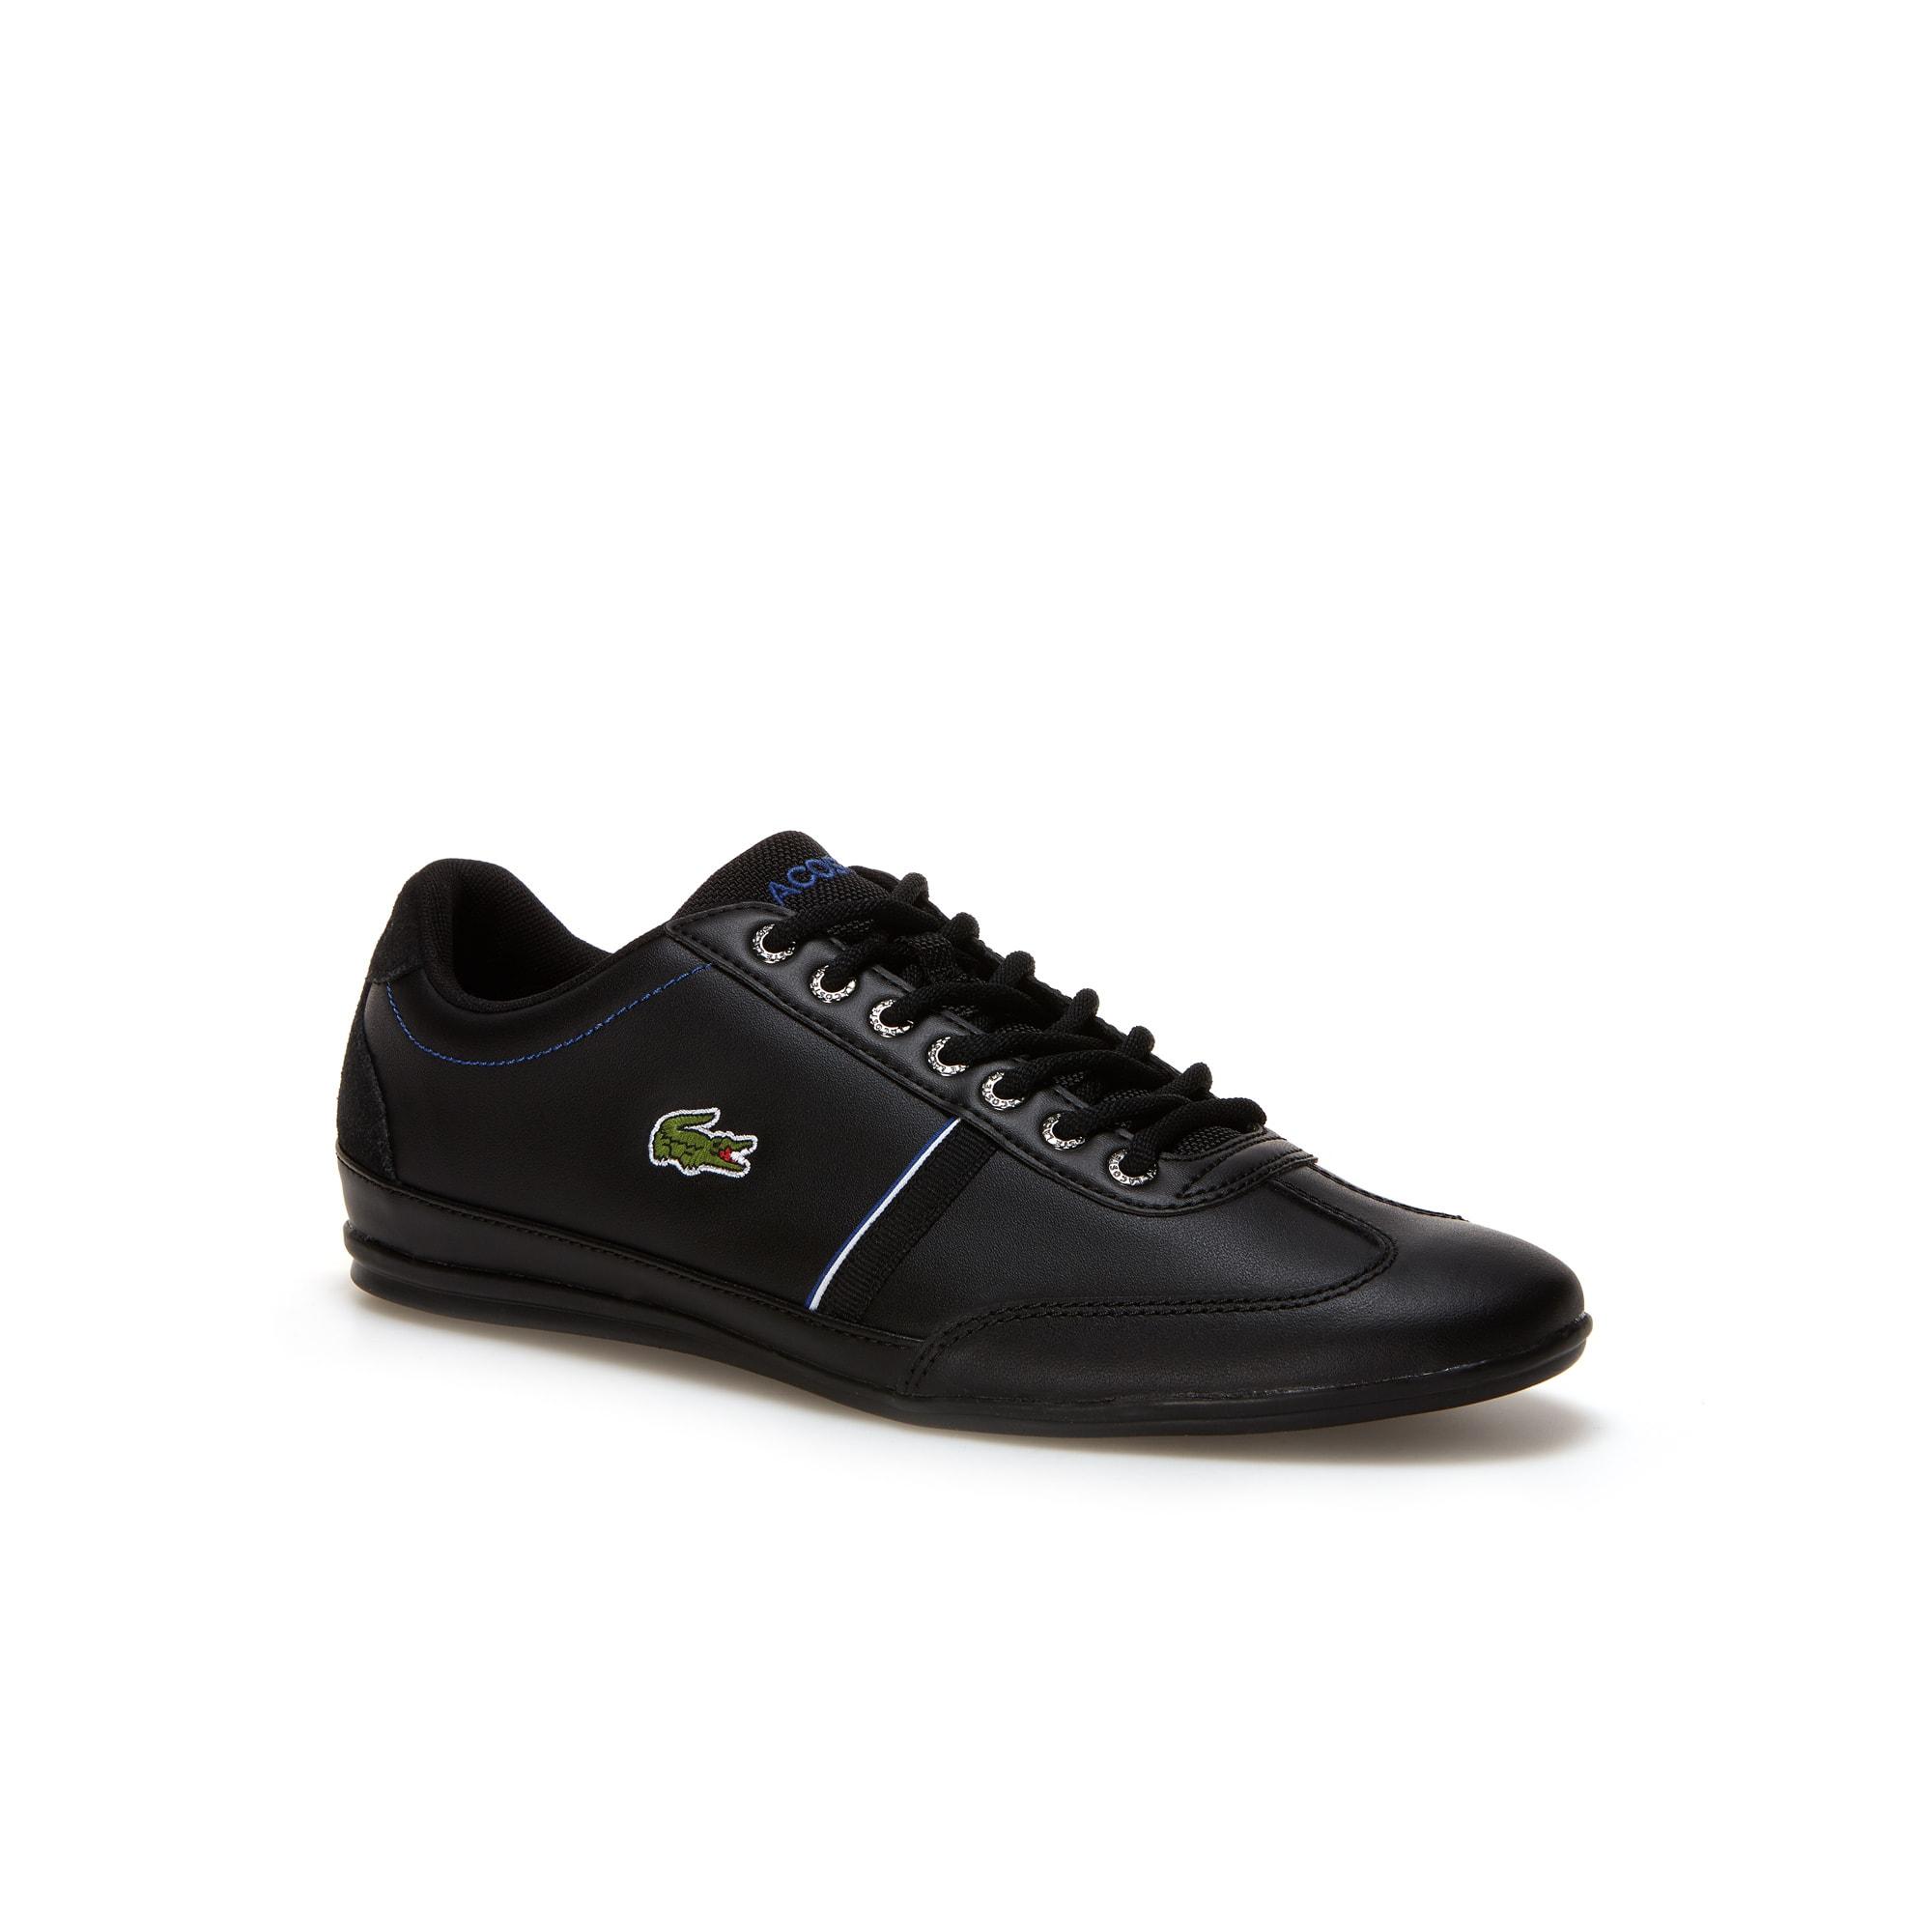 Sneakers Misano Sport in pelle